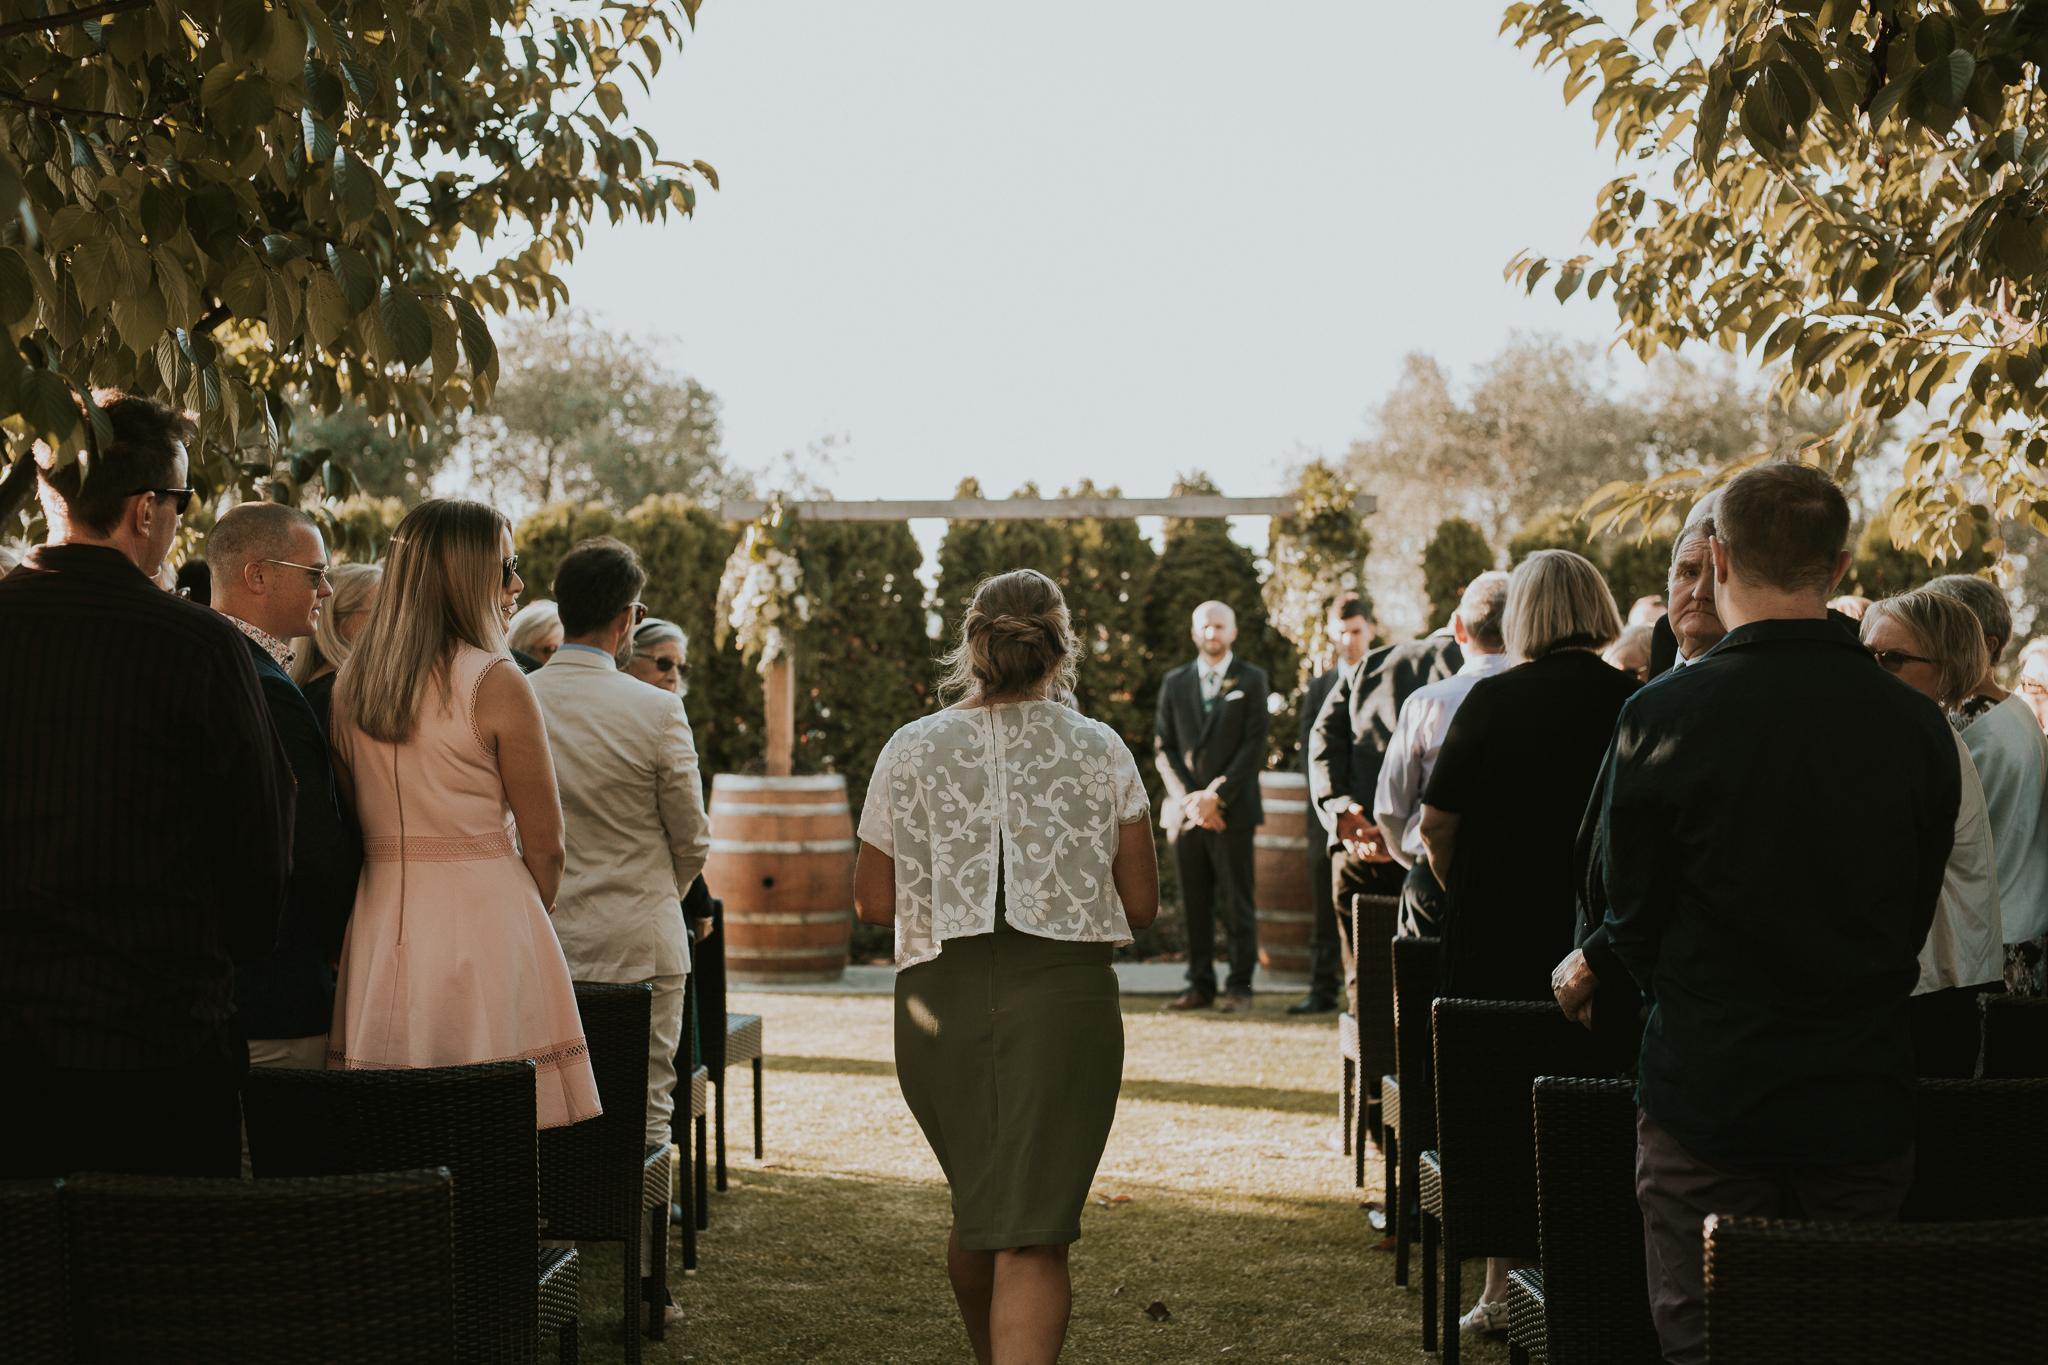 wedding photographer hawkes bay , Lisa Fisher Photography, Selini Winery Wedding -249.jpg